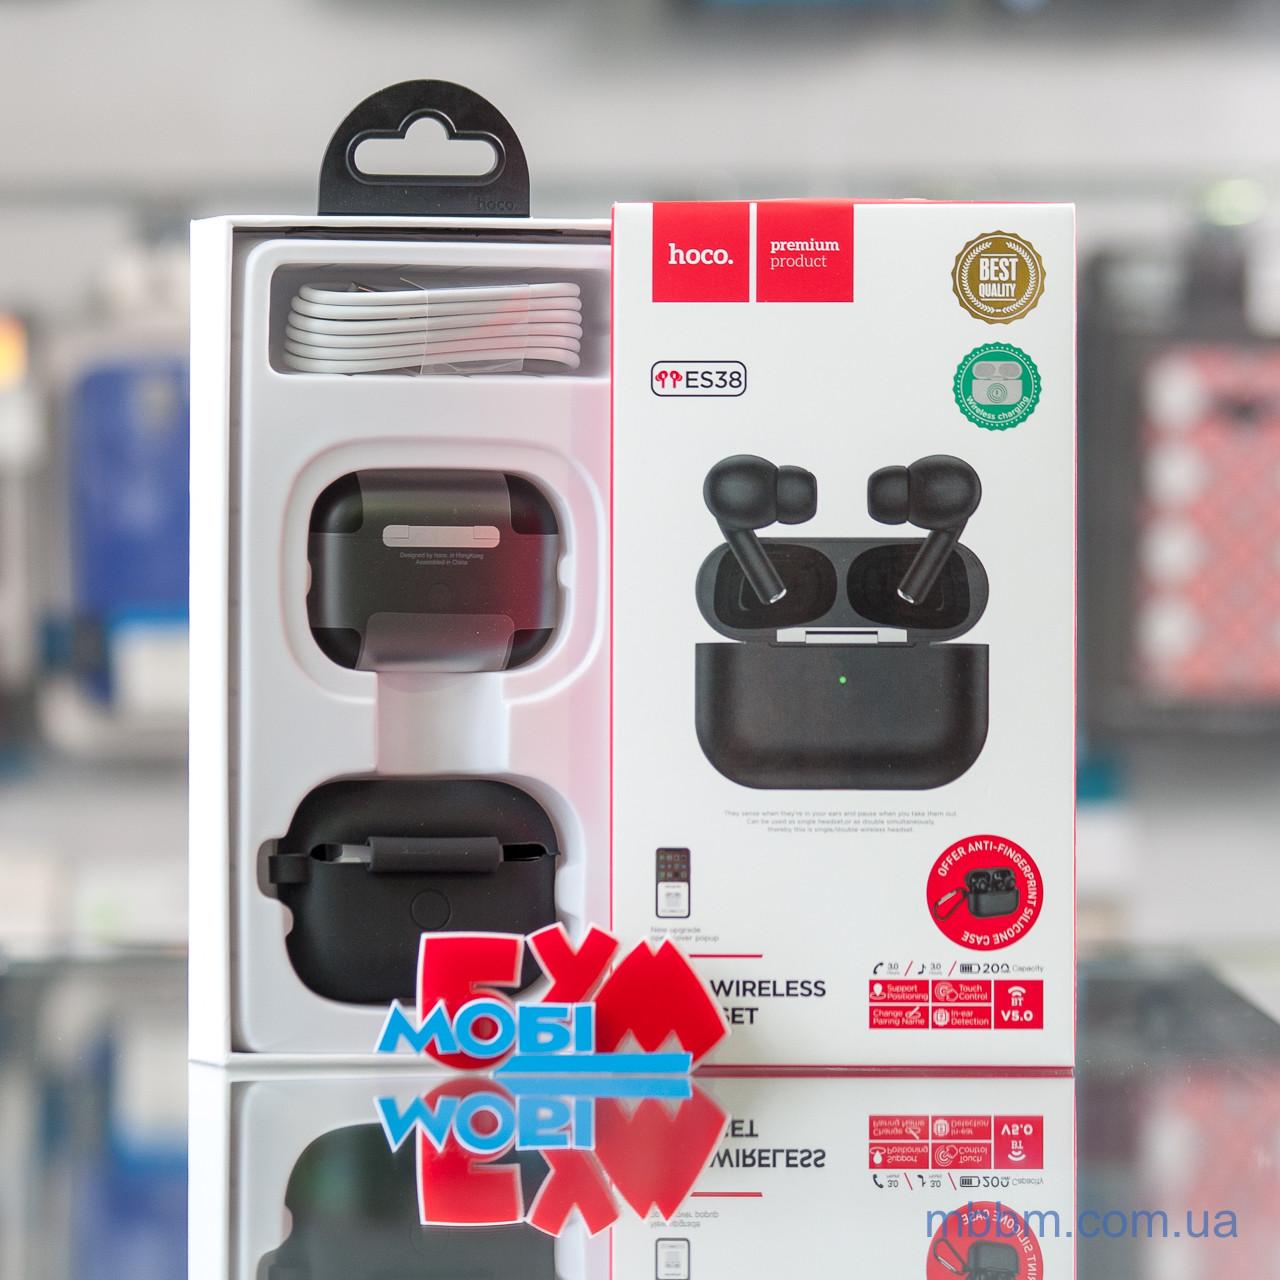 Беспроводные наушники Bluetooth Hoco ES38 Black [Оригинал] EAN/UPC: 6931474727121